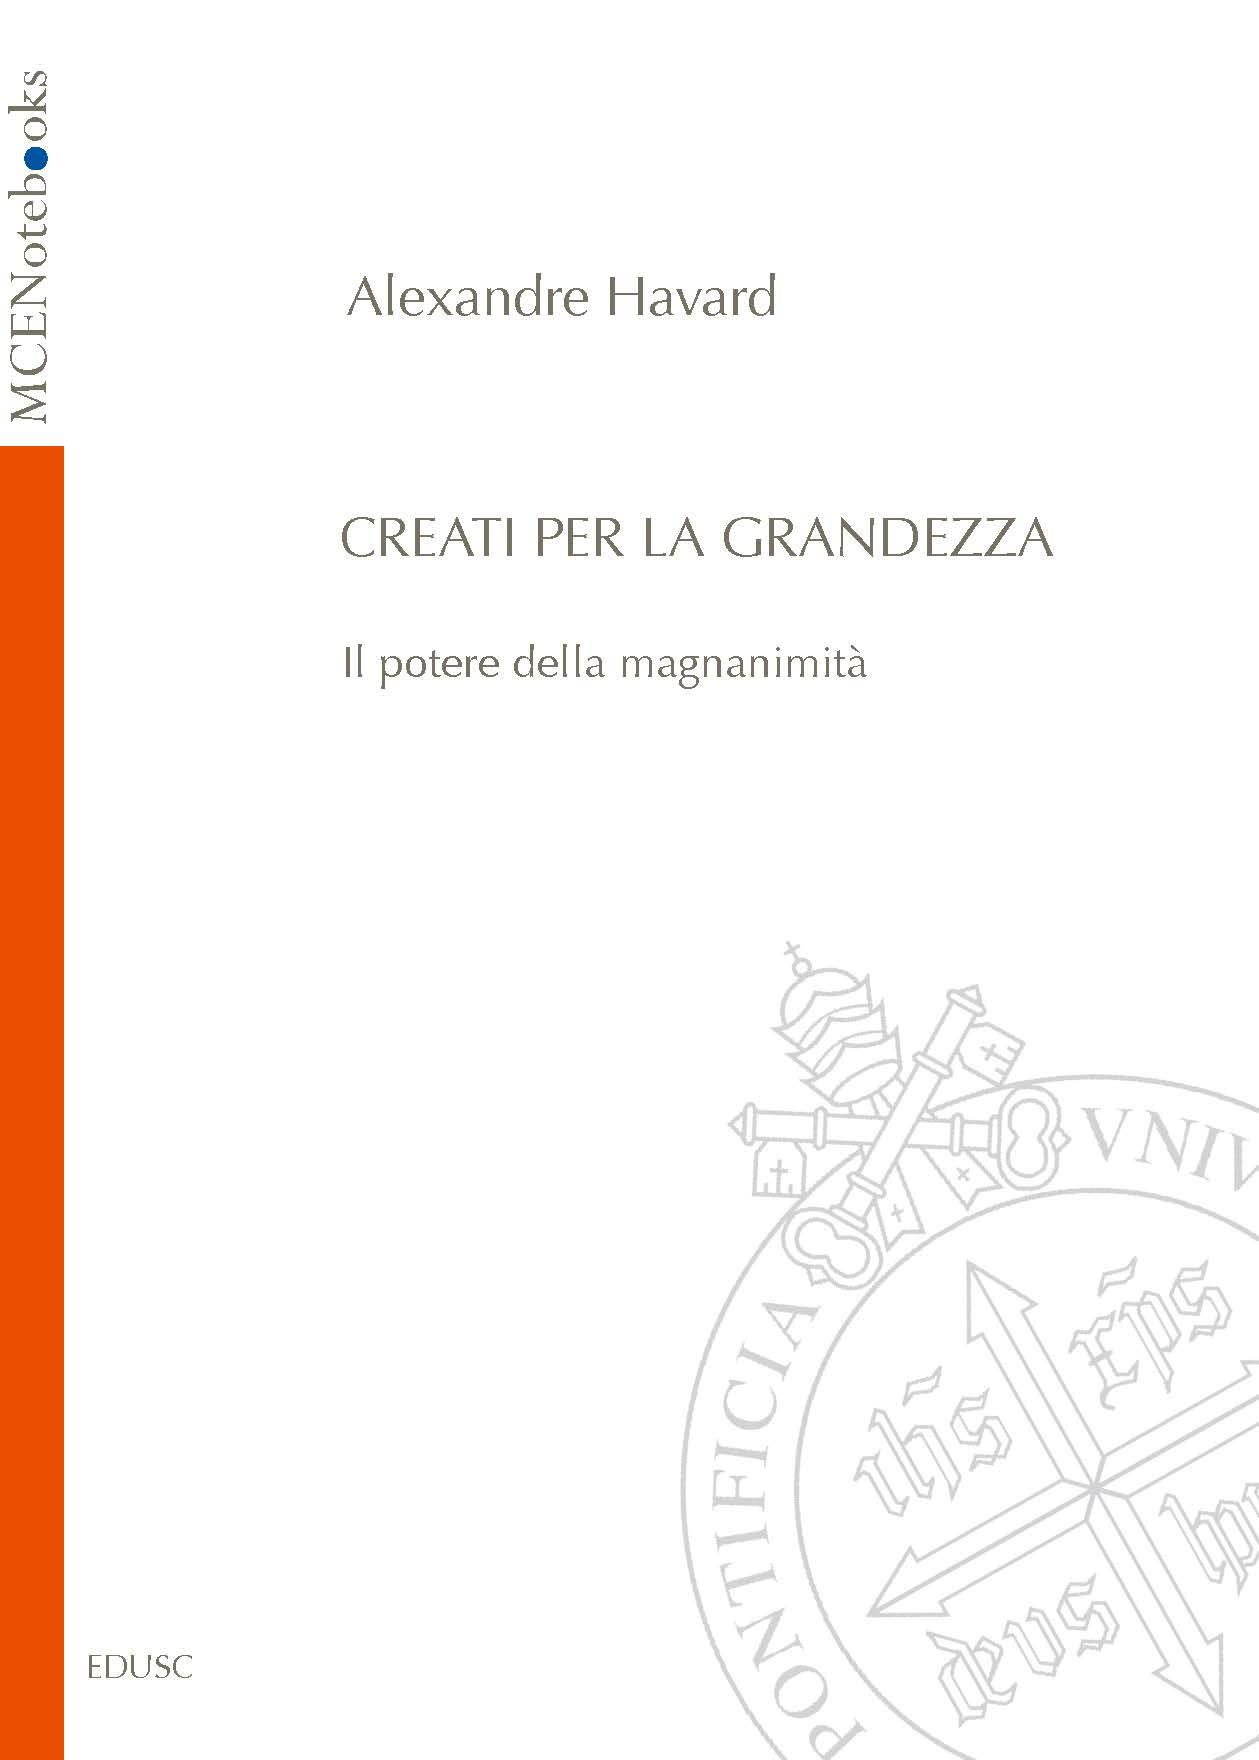 coverhavard2